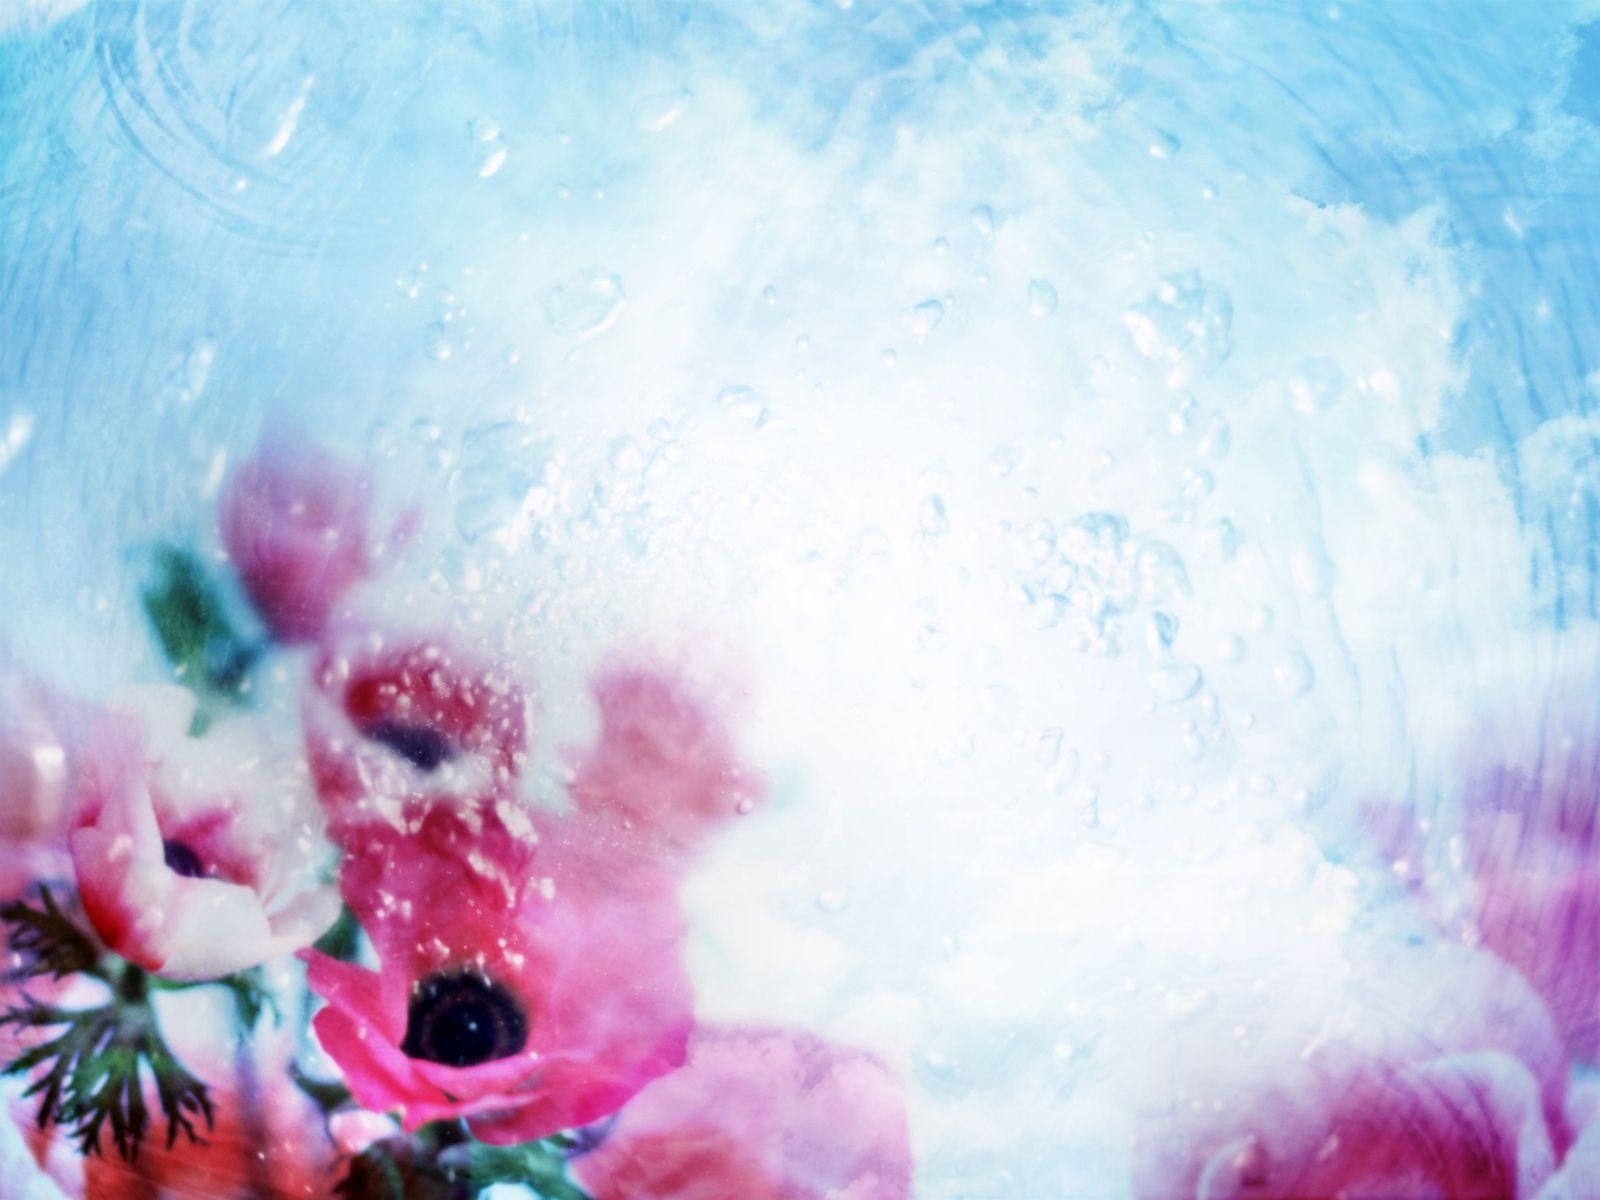 Fiori Sfondo And Sfondi 1600x1200 Id 4474 Wallpaper Abyss